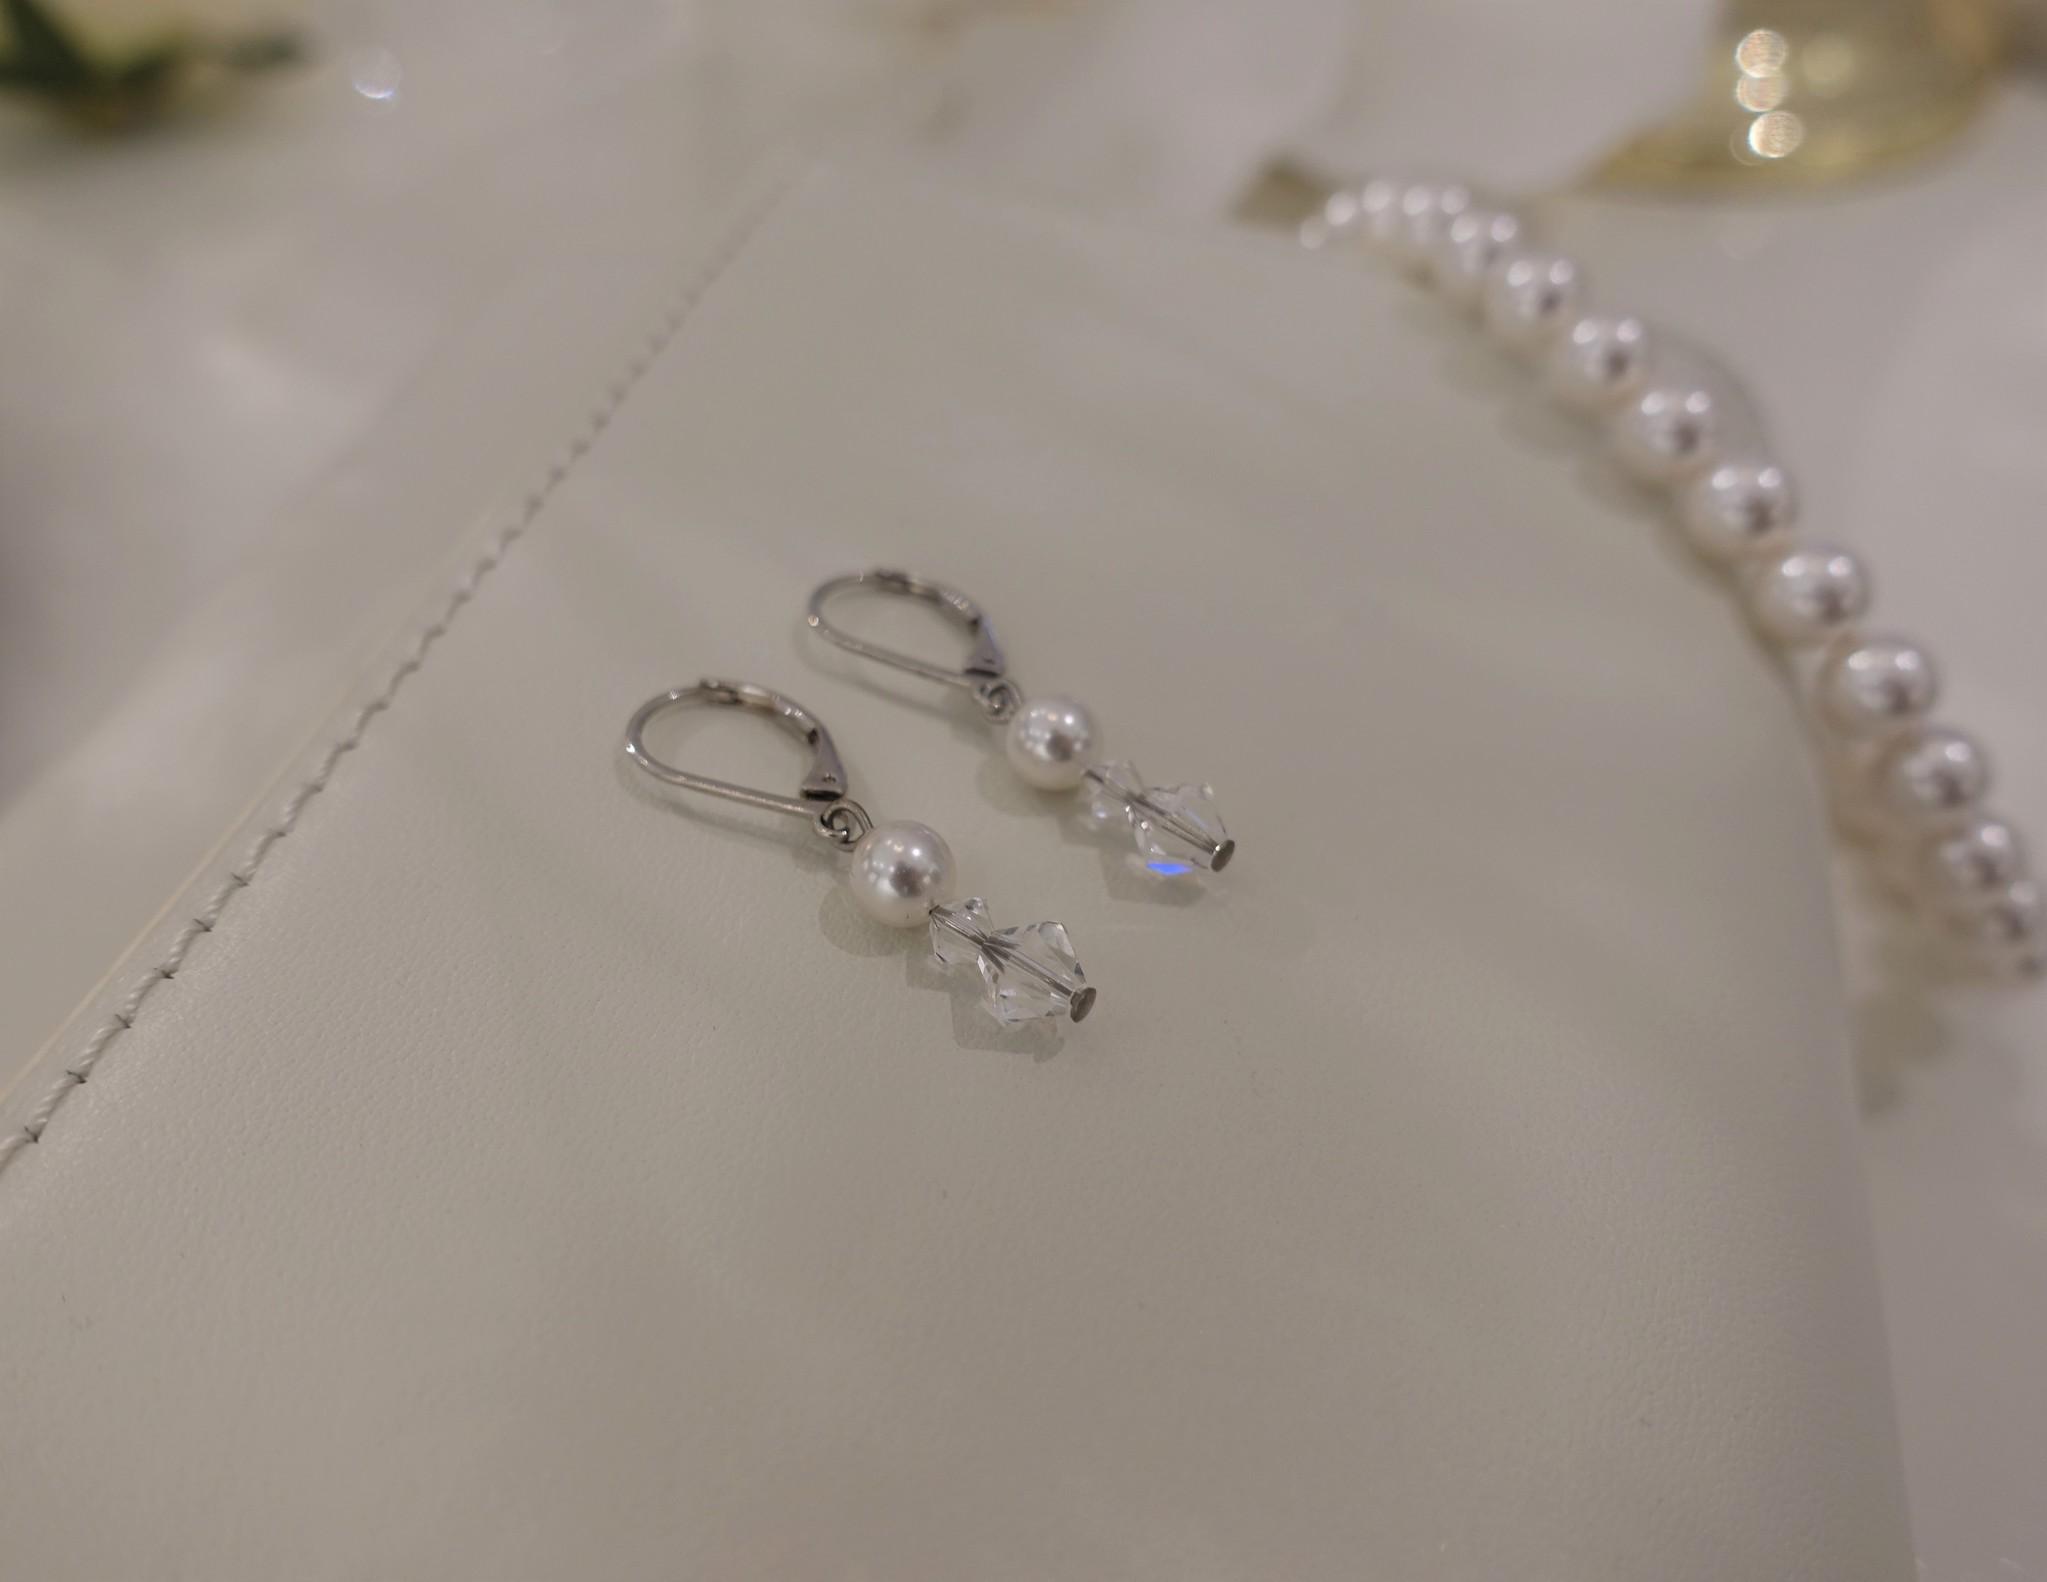 Hangers met parel en kristallen-1